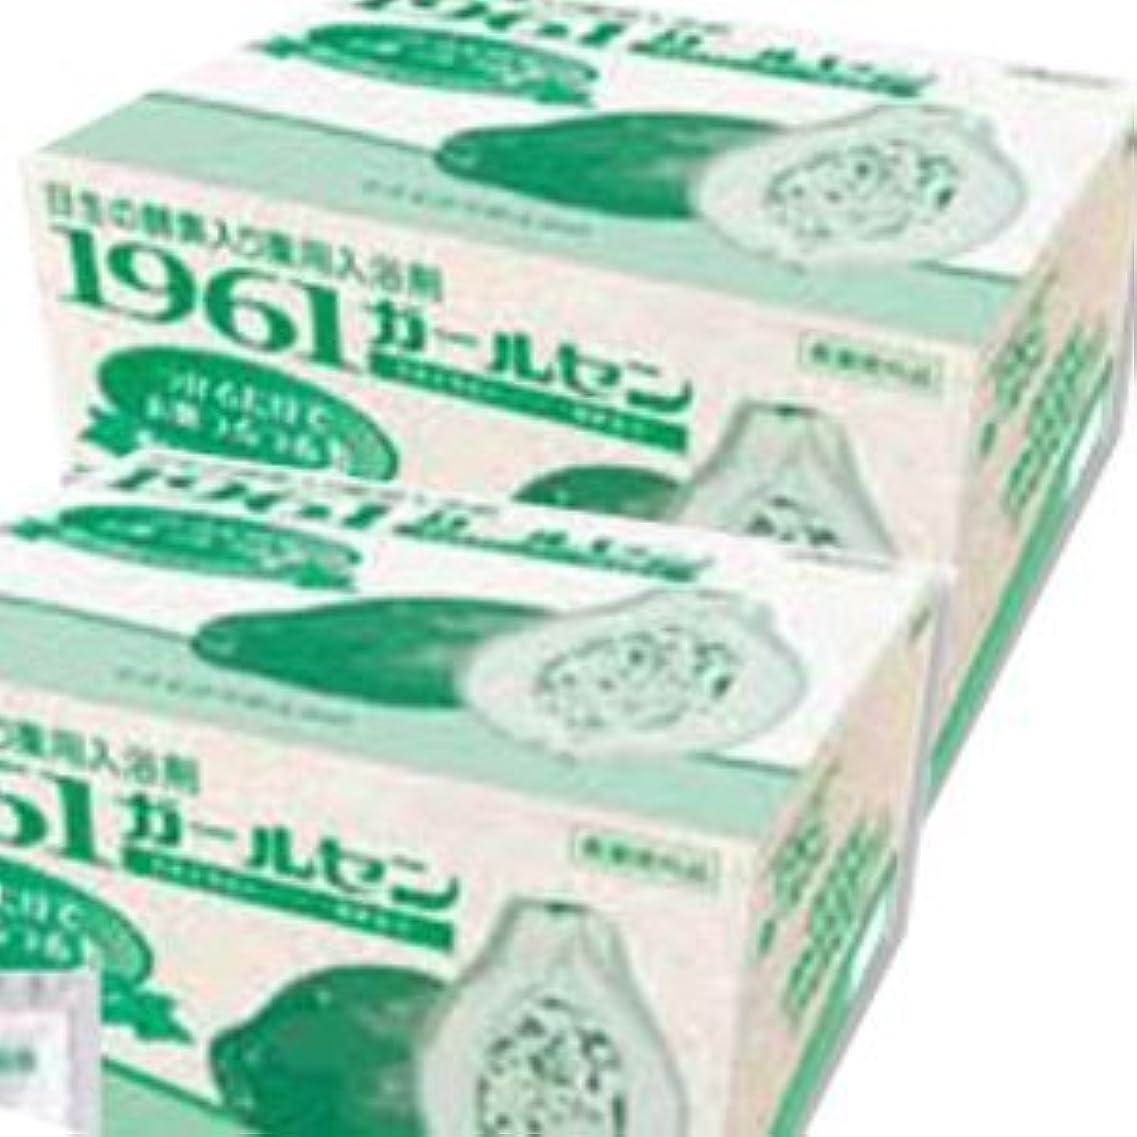 寛大さ無駄に刺激する日本生化学 薬用入浴剤 1961ガールセン (20g×60包)×2箱 (医薬部外品)